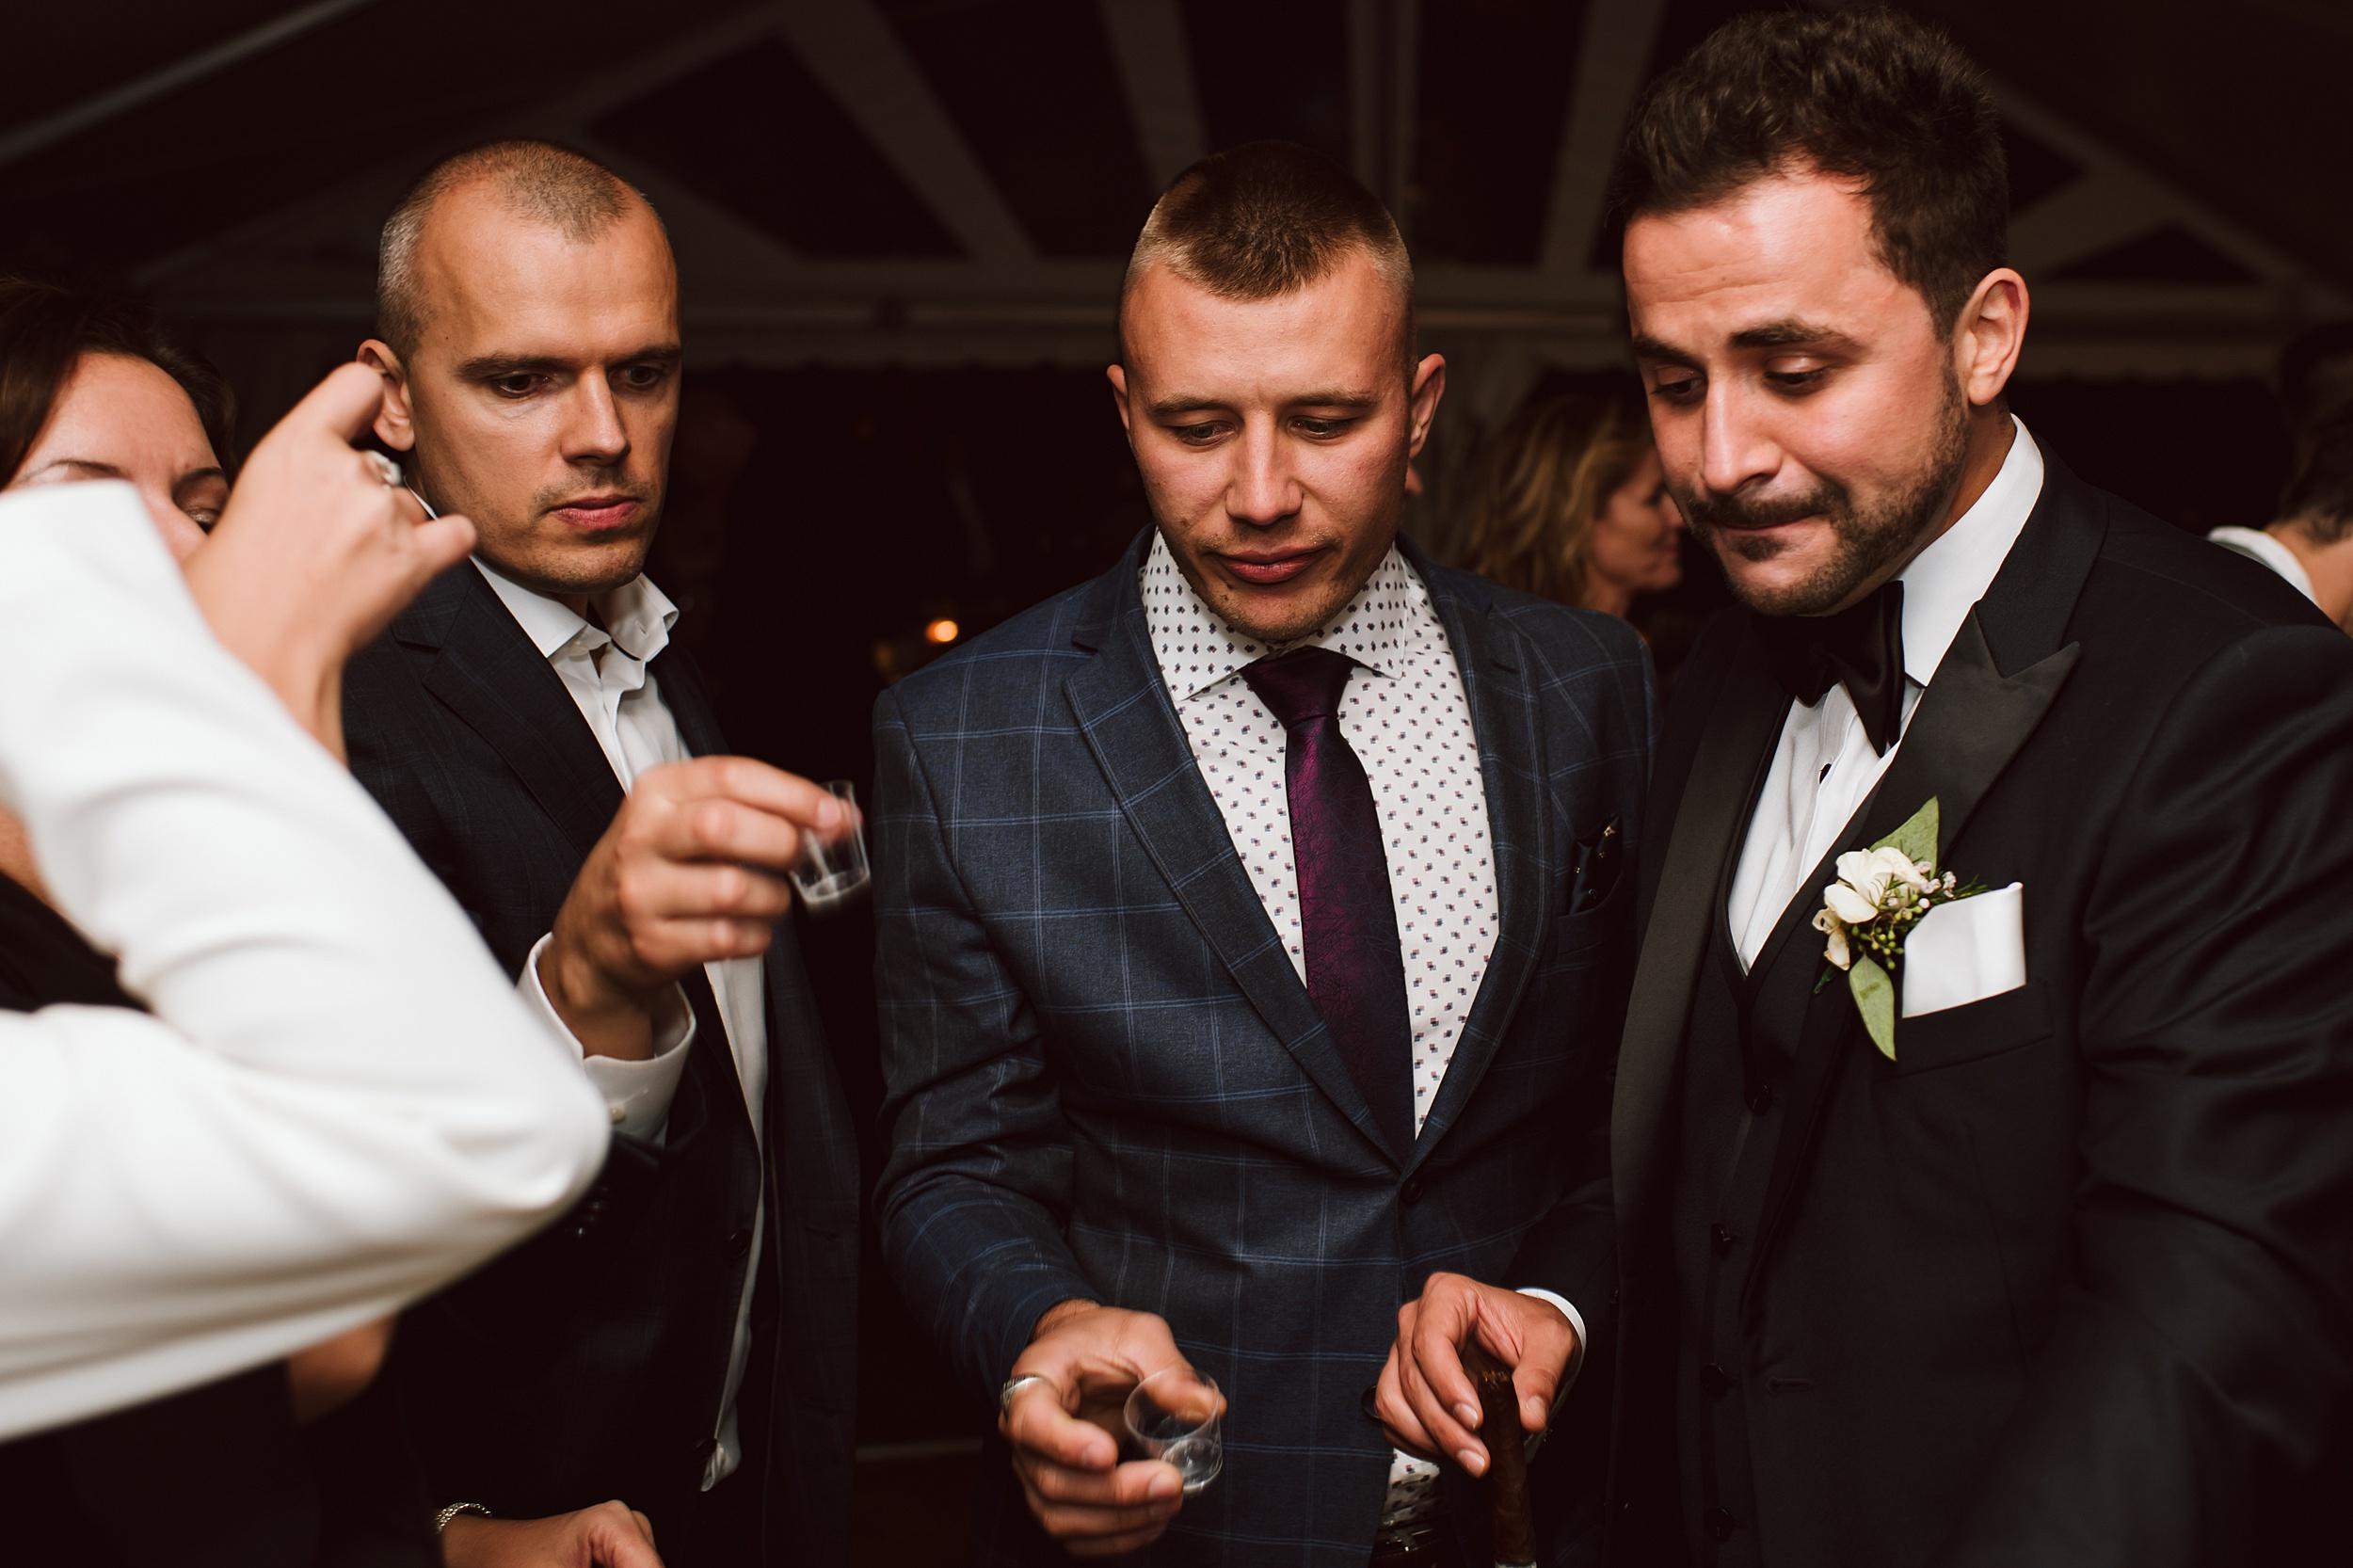 Rustic_Backyard_Wedding_Toronto_Photographer184.jpg